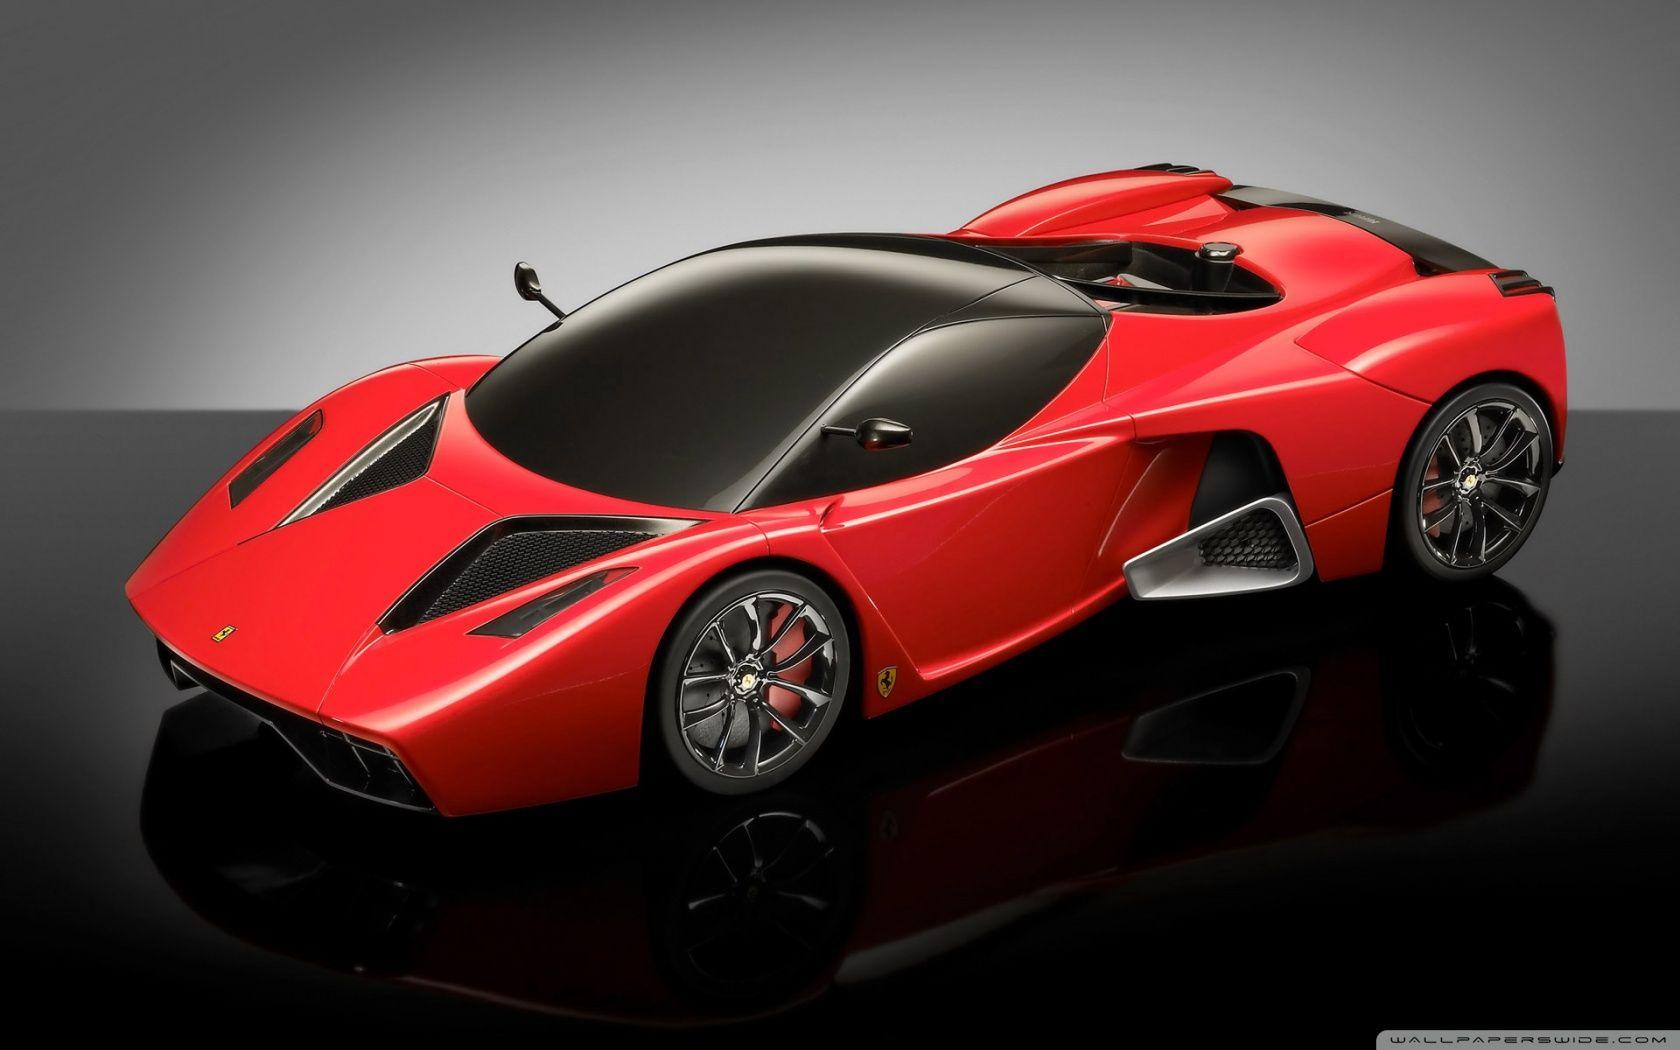 Ferrari Hd p Wallpaper Free for Desktop Background For Mobile 1500